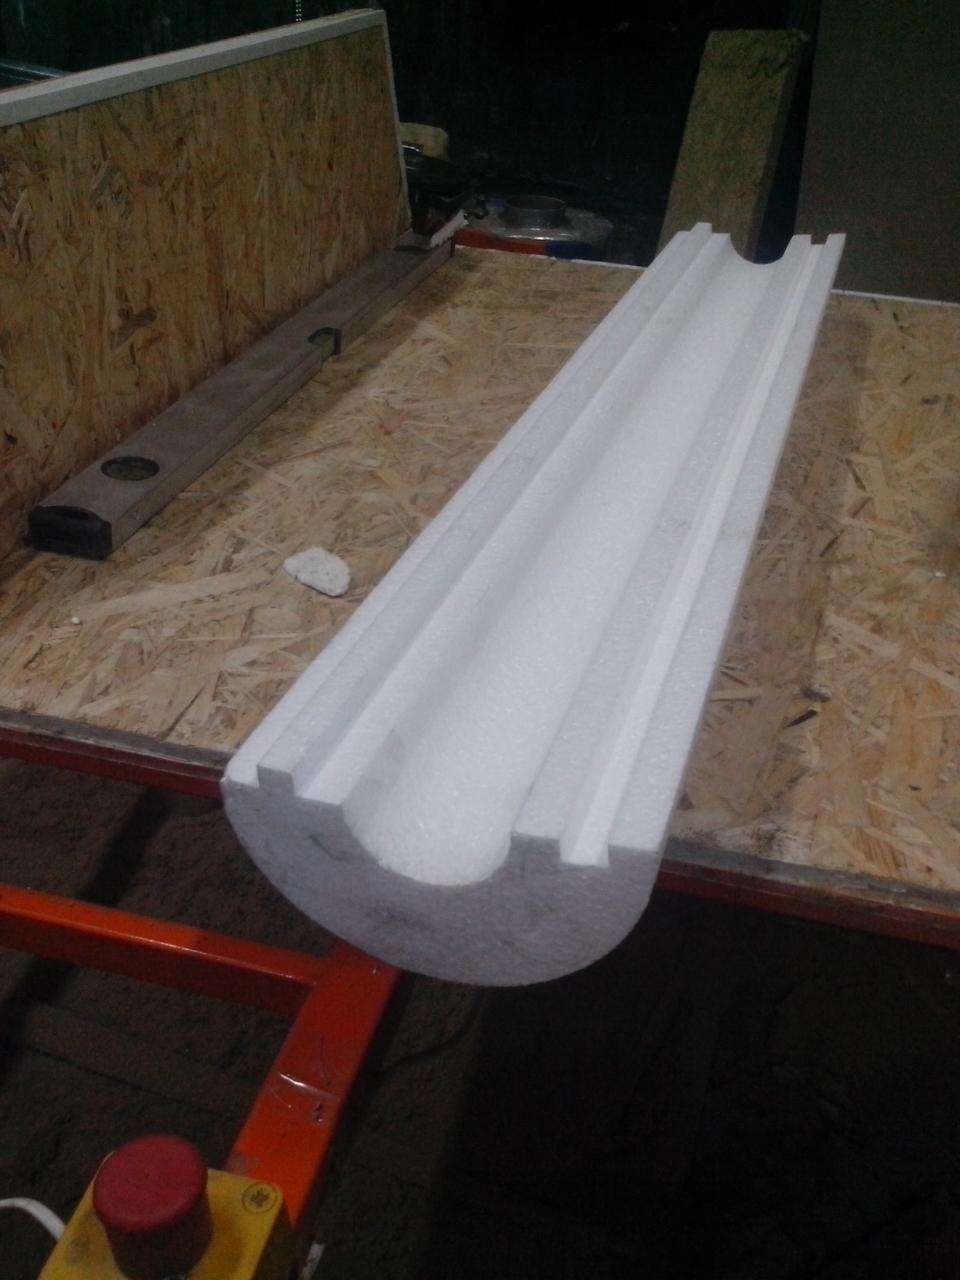 Утеплитель из пенопласта (пенополистирола) для труб Ø 89 мм толщиной 30 мм